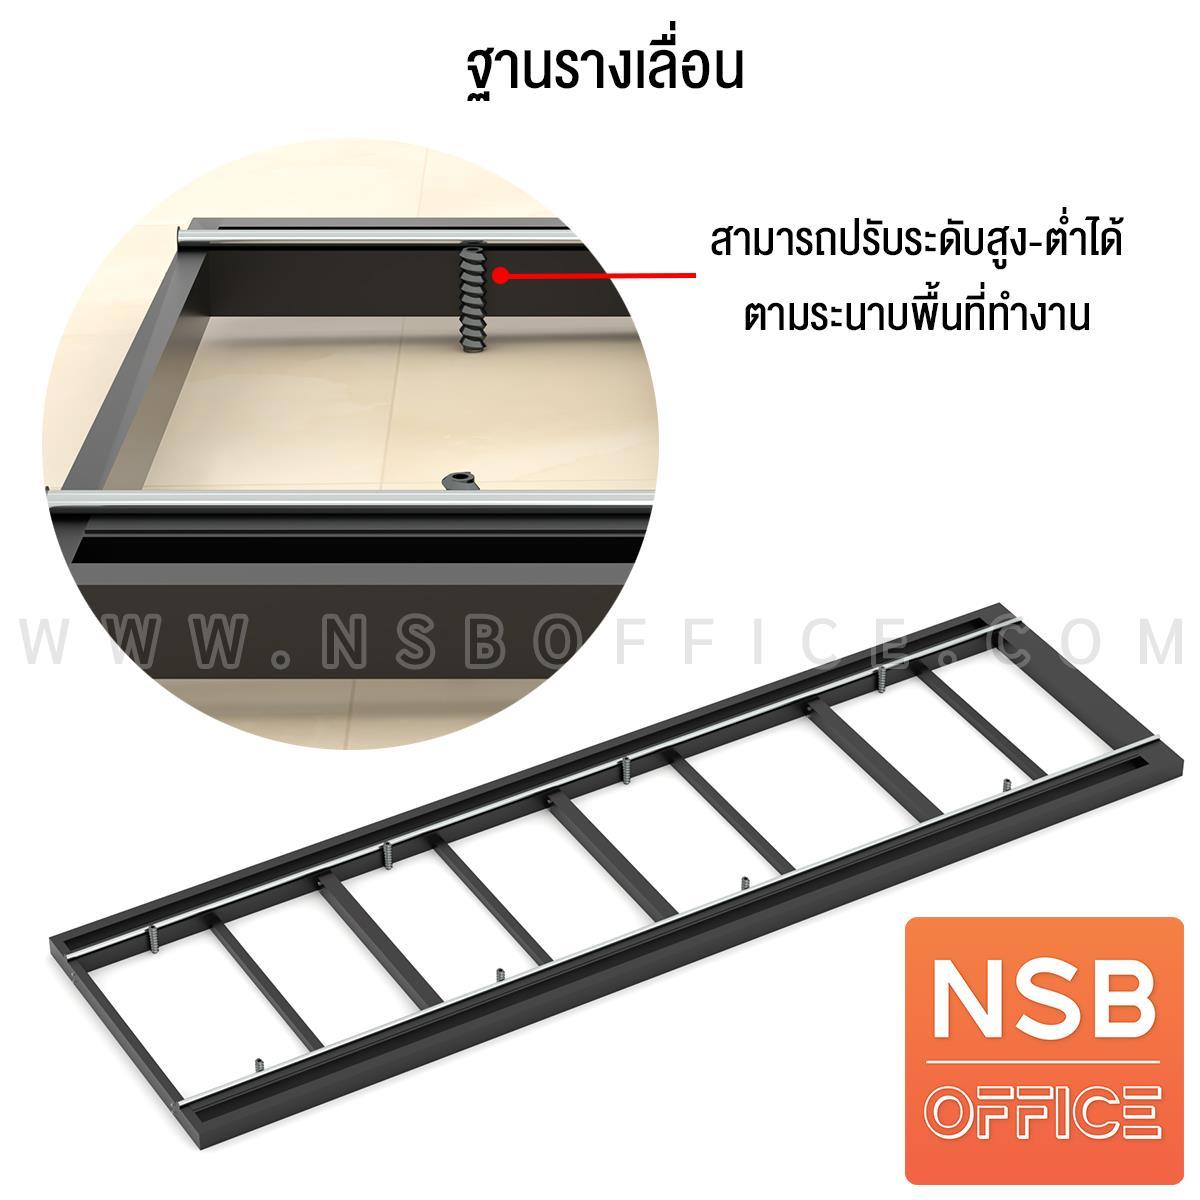 ตู้รางเลื่อนแบบมือผลัก   91.4D cm ขนาด 4, 6, 8, 10, 12, 14, 16 ตู้ สำหรับแฟ้ม A4